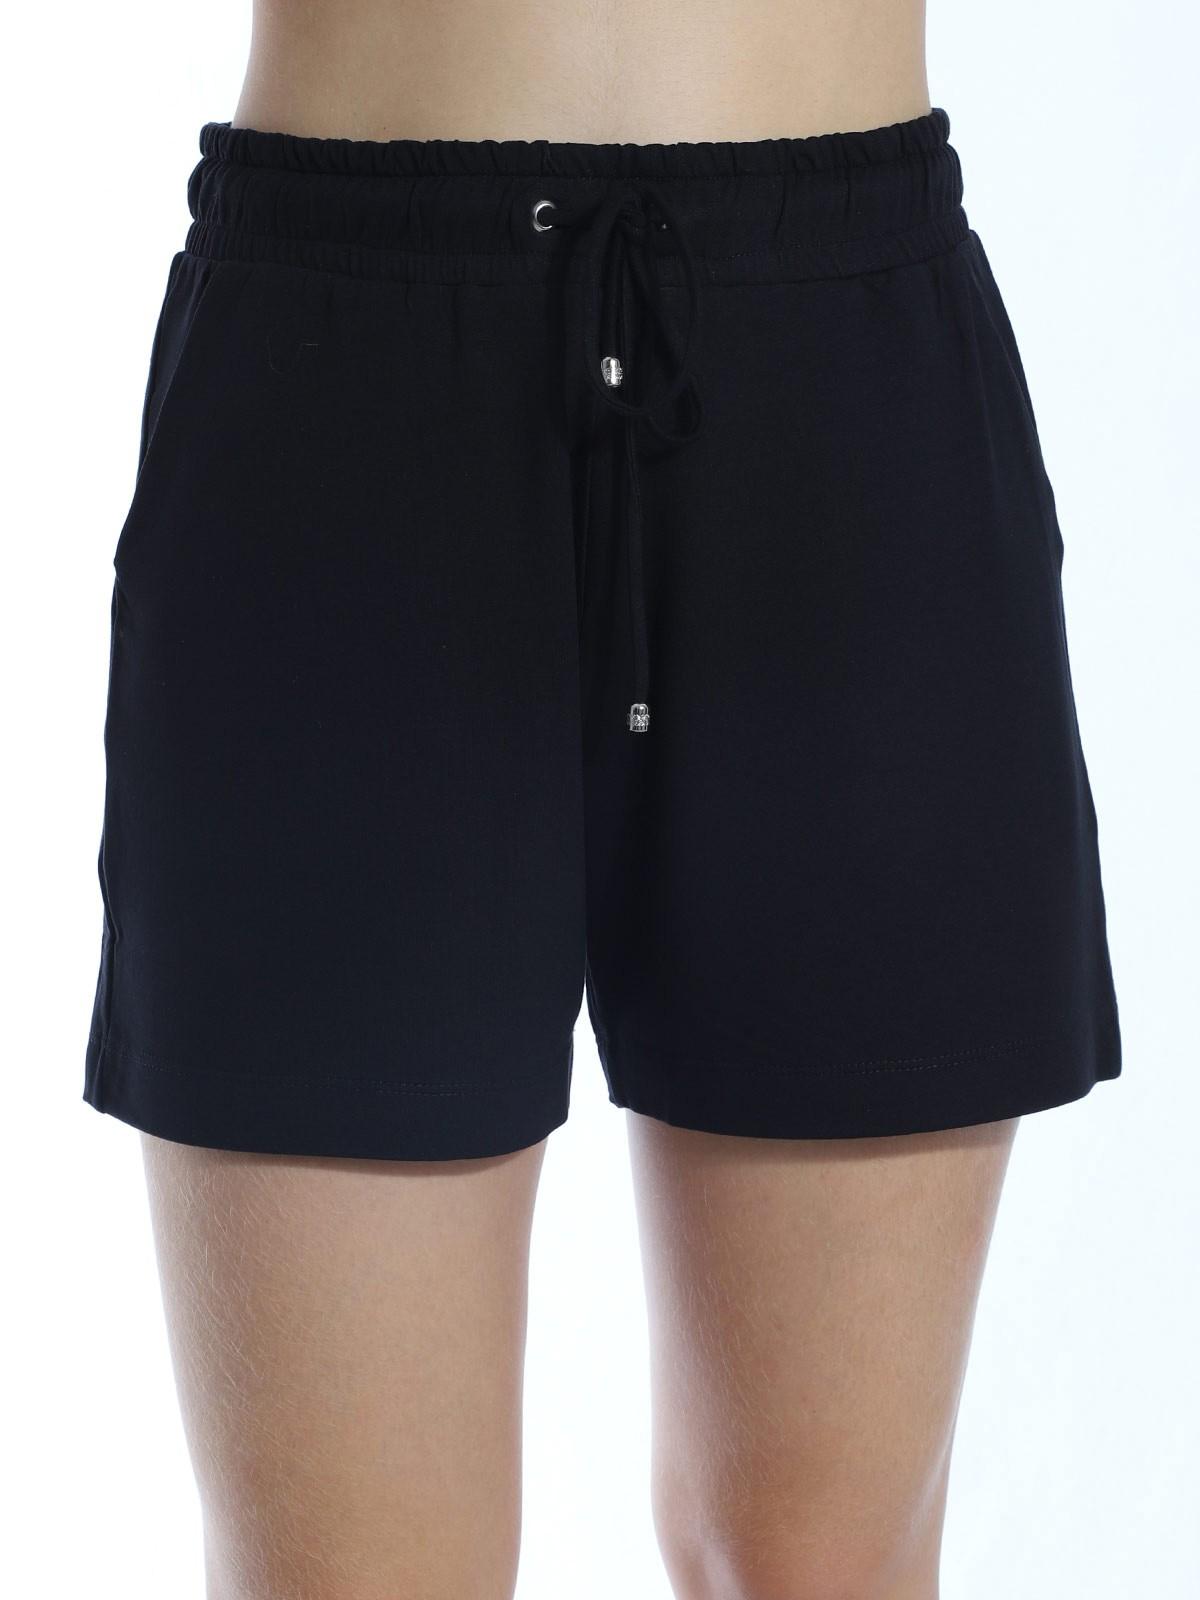 Shorts De Moletinho Com Lycra Liso Anistia Preto